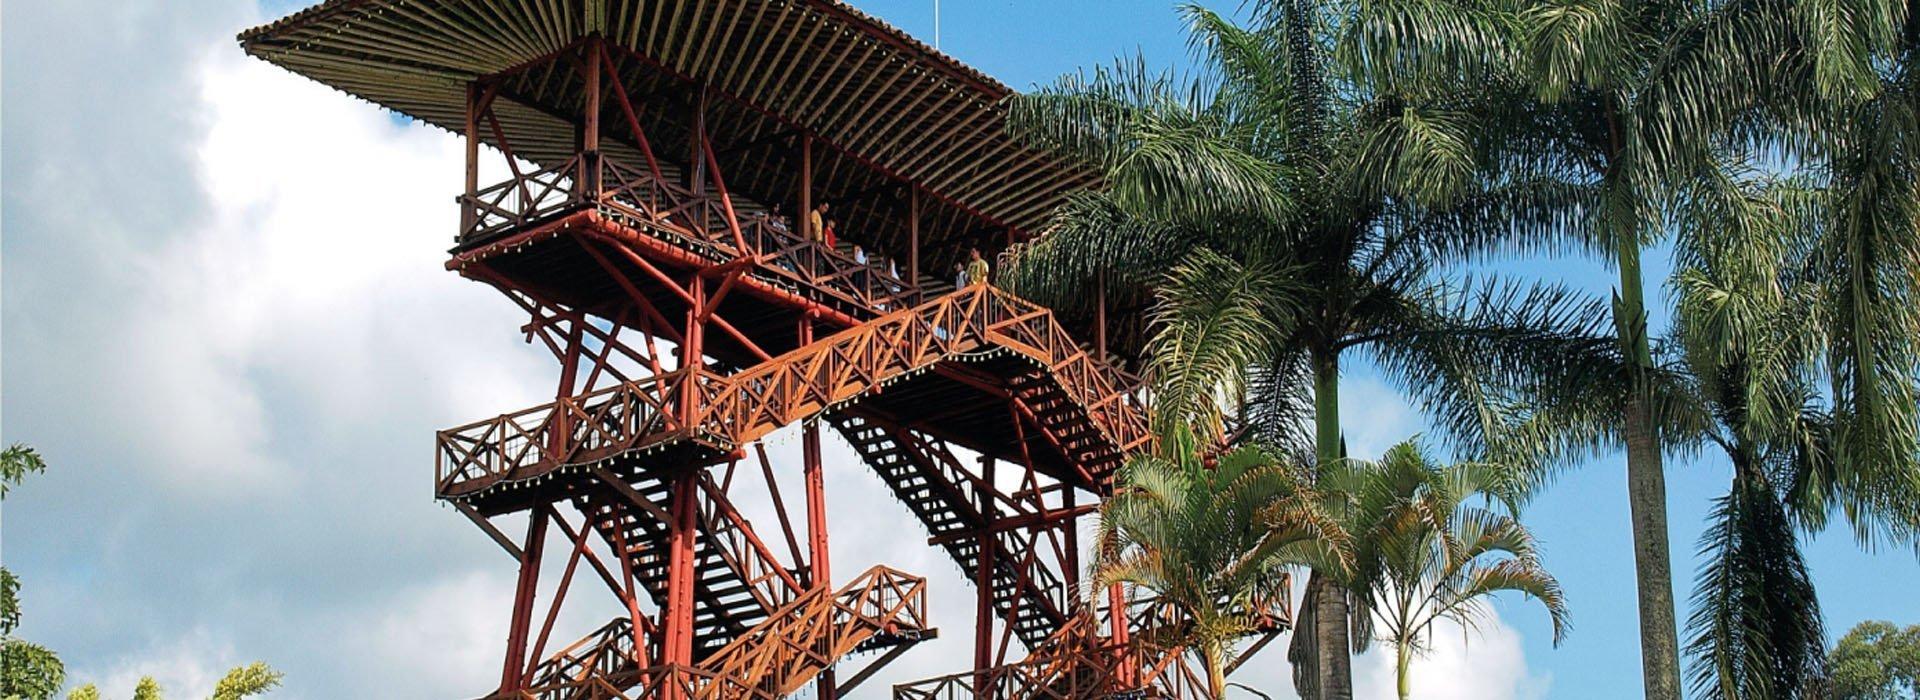 Foto de la Torre Mirador ubicada a la entrada del Parque